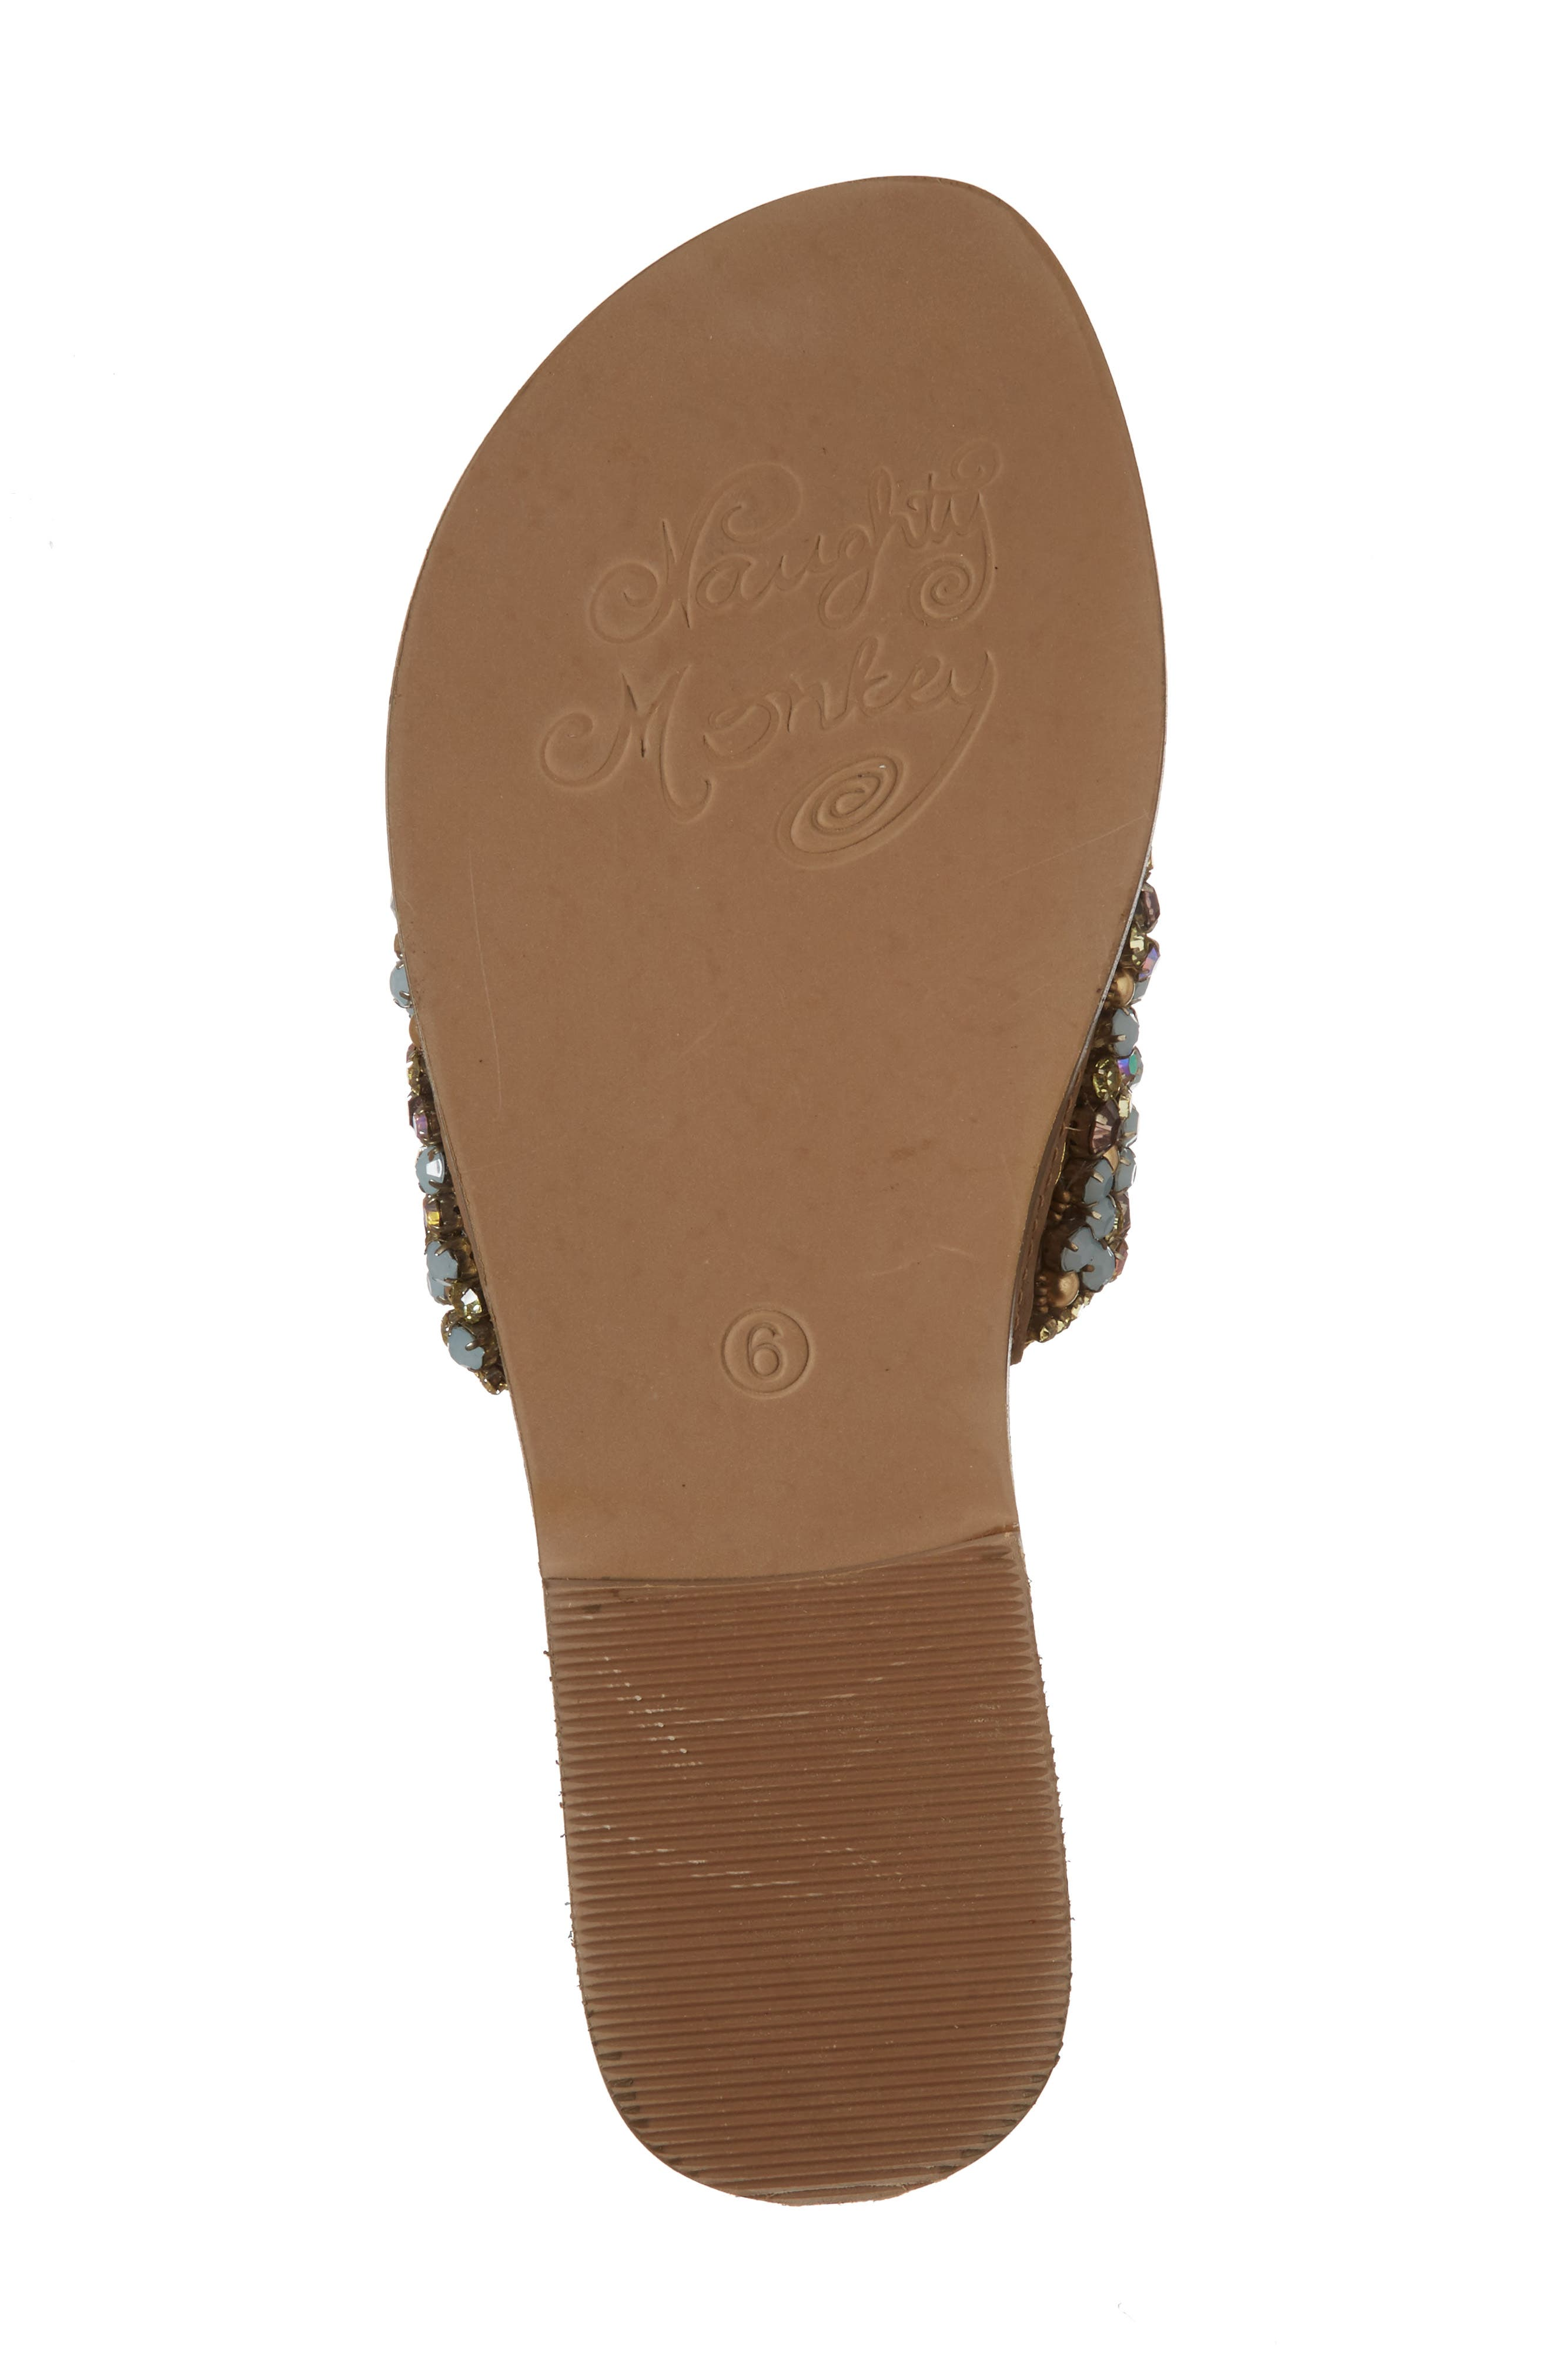 Susanna Embellished Slide Sandal,                             Alternate thumbnail 6, color,                             Multi Leather